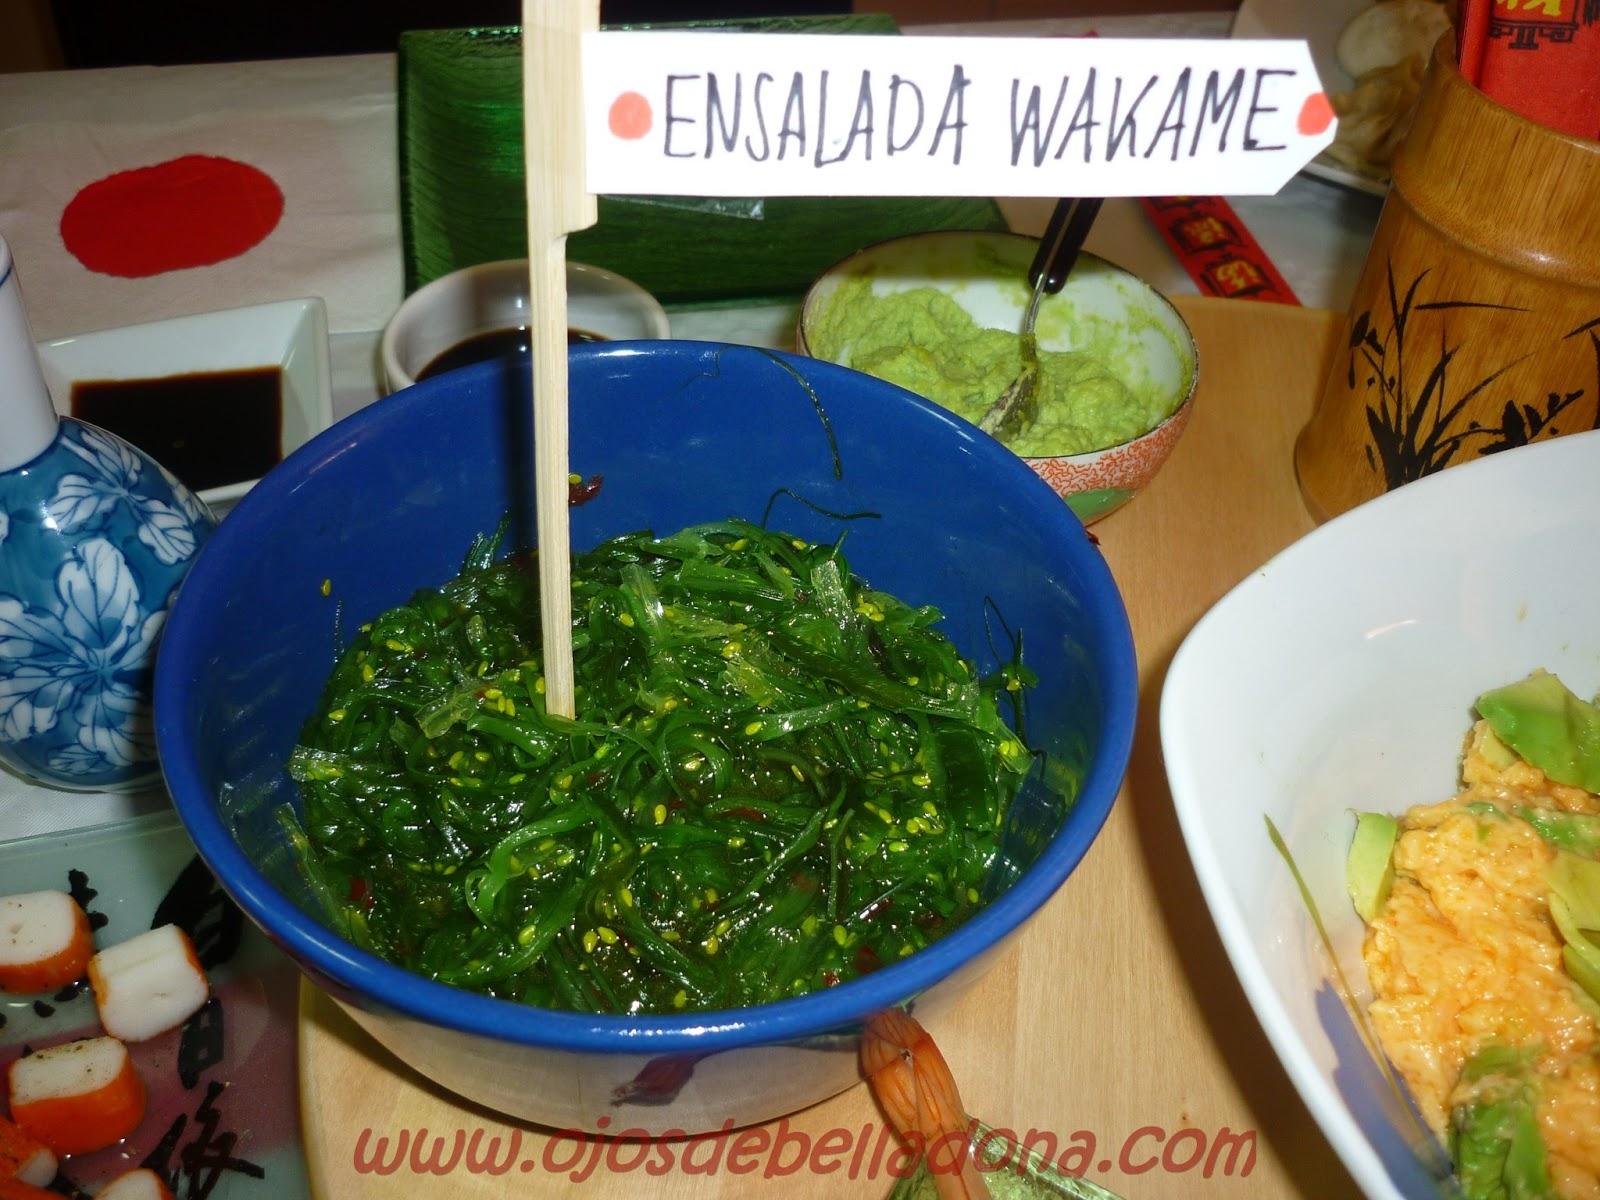 Ensalada Wakame, Japón